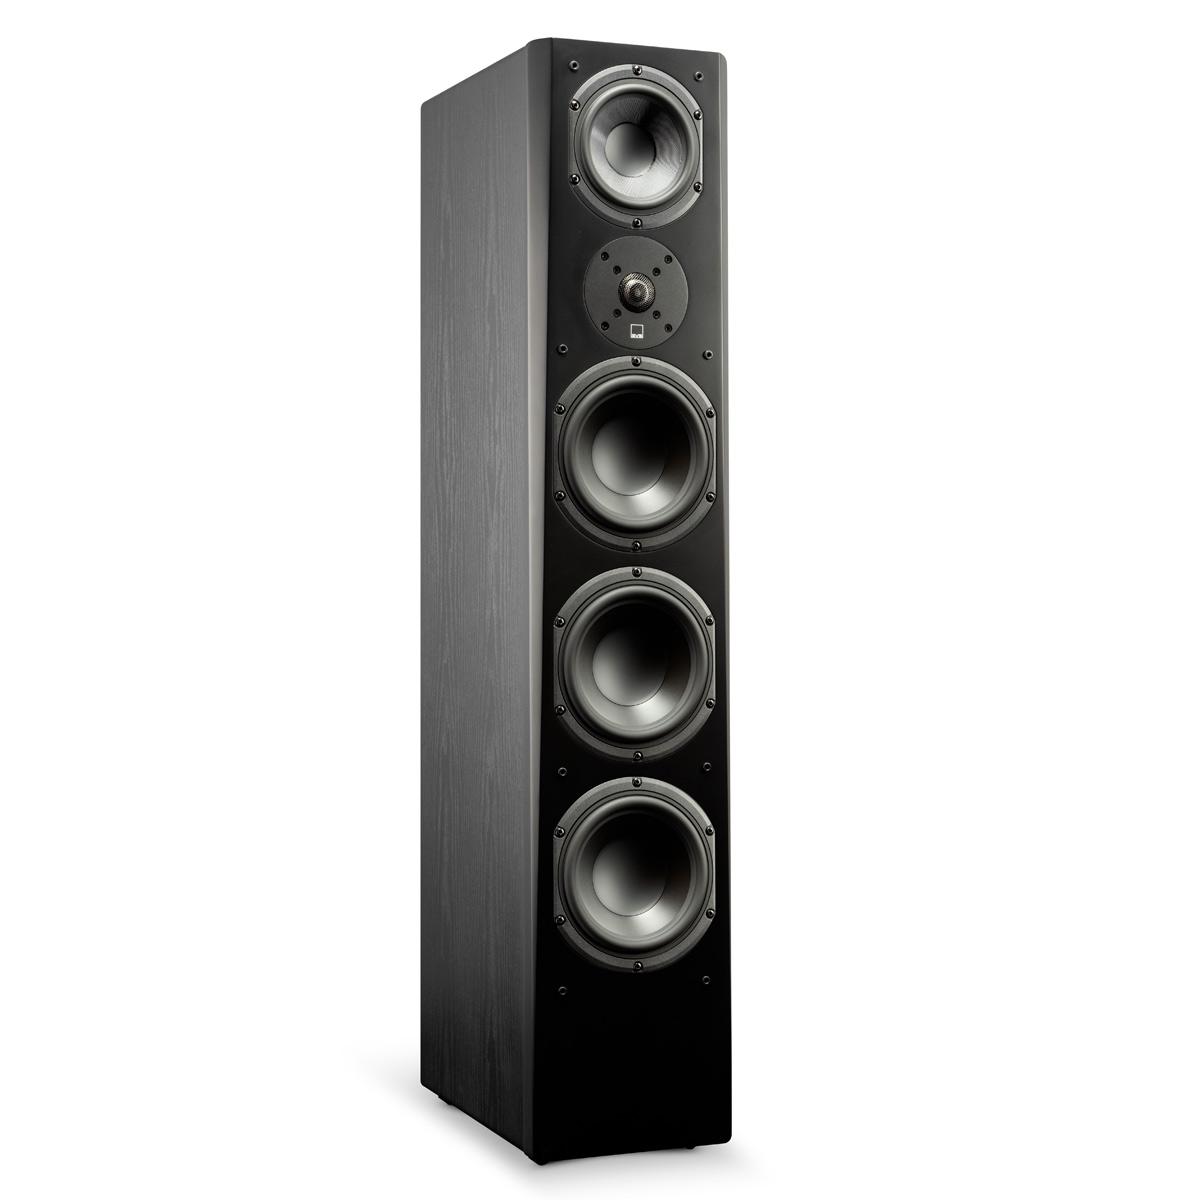 thumbnail 5 - SVS Prime Pinnacle Floorstanding Speakers - Pair